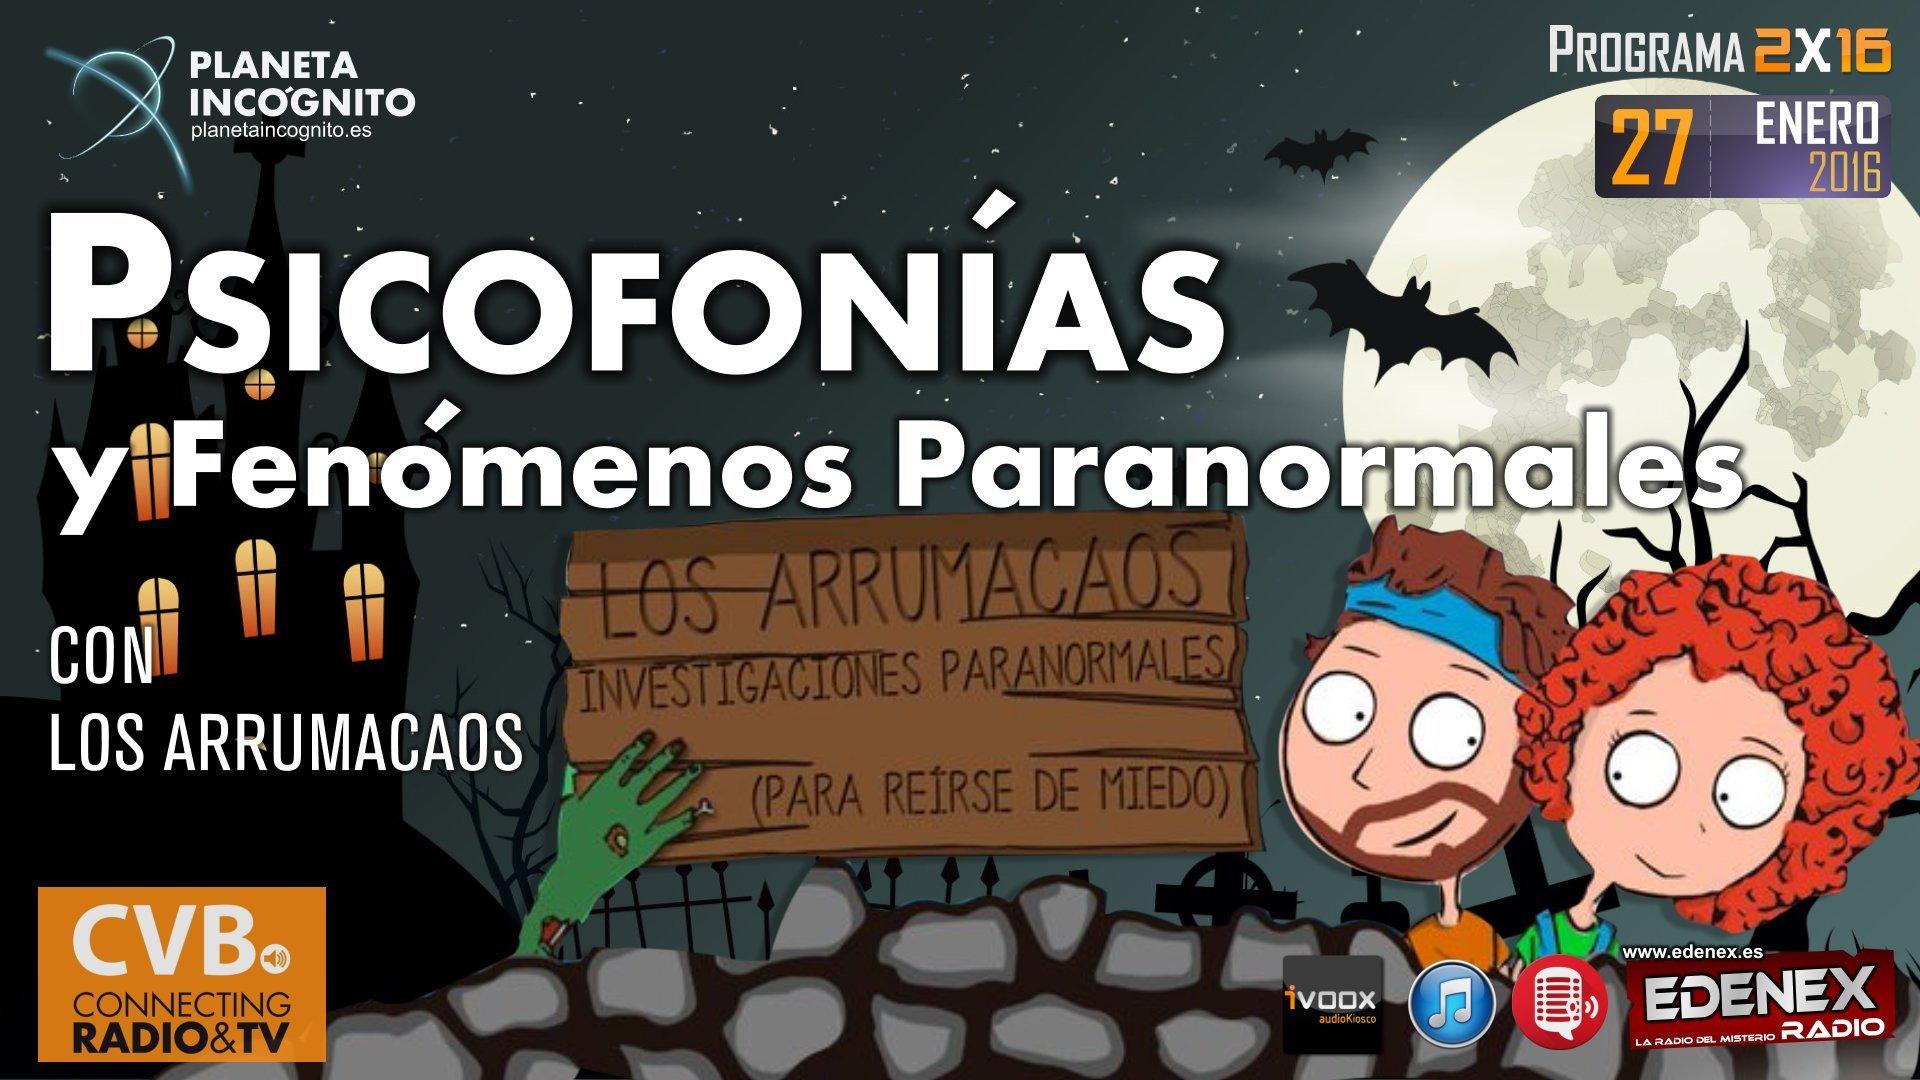 Programa 2x16. PSICOFONÍAS Y FENÓMENOS PARANORMALES con Los Arrumacaos 4